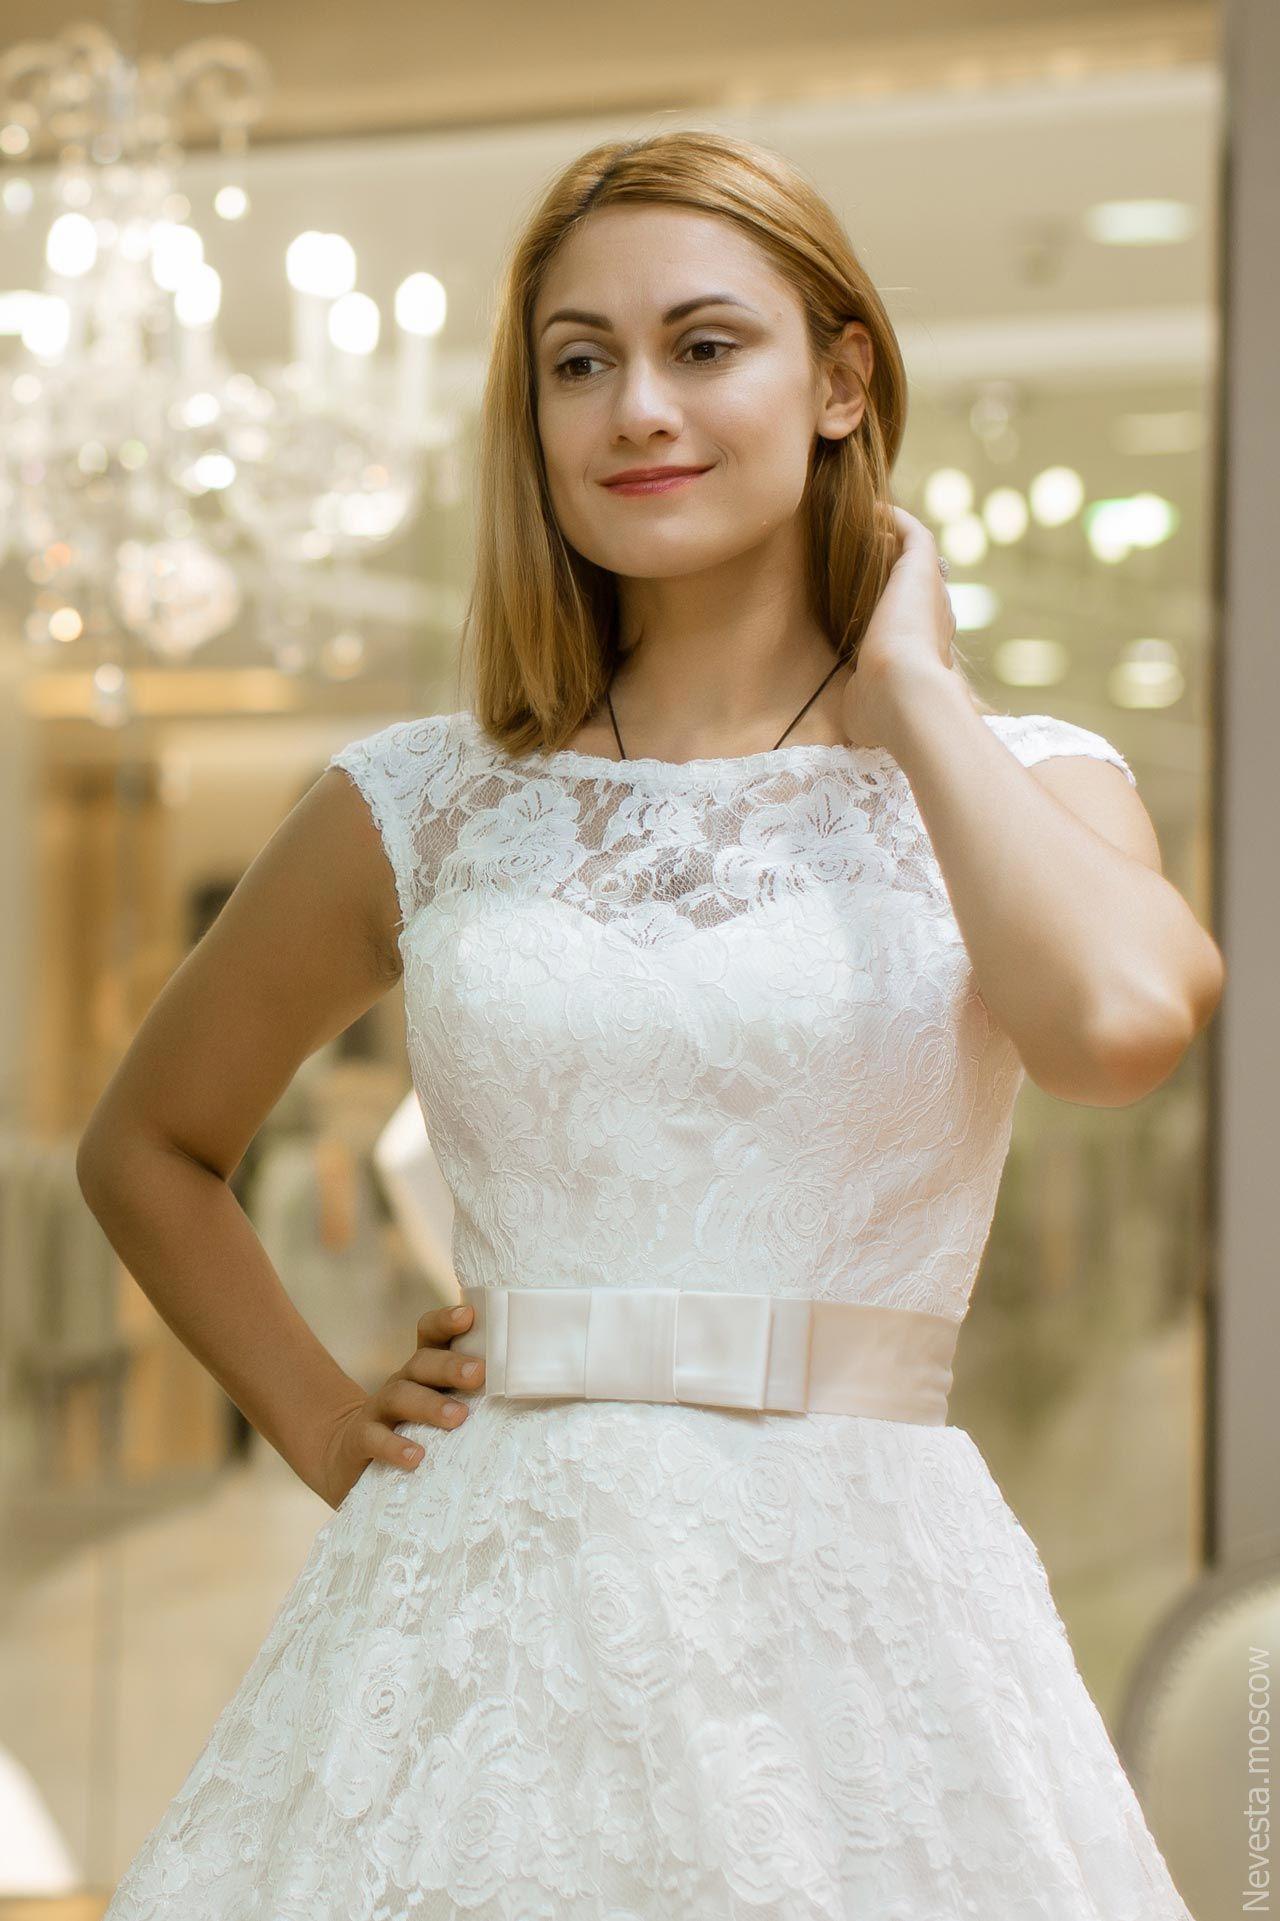 Карина Мишулина примеряет свадебное платье, фото 2